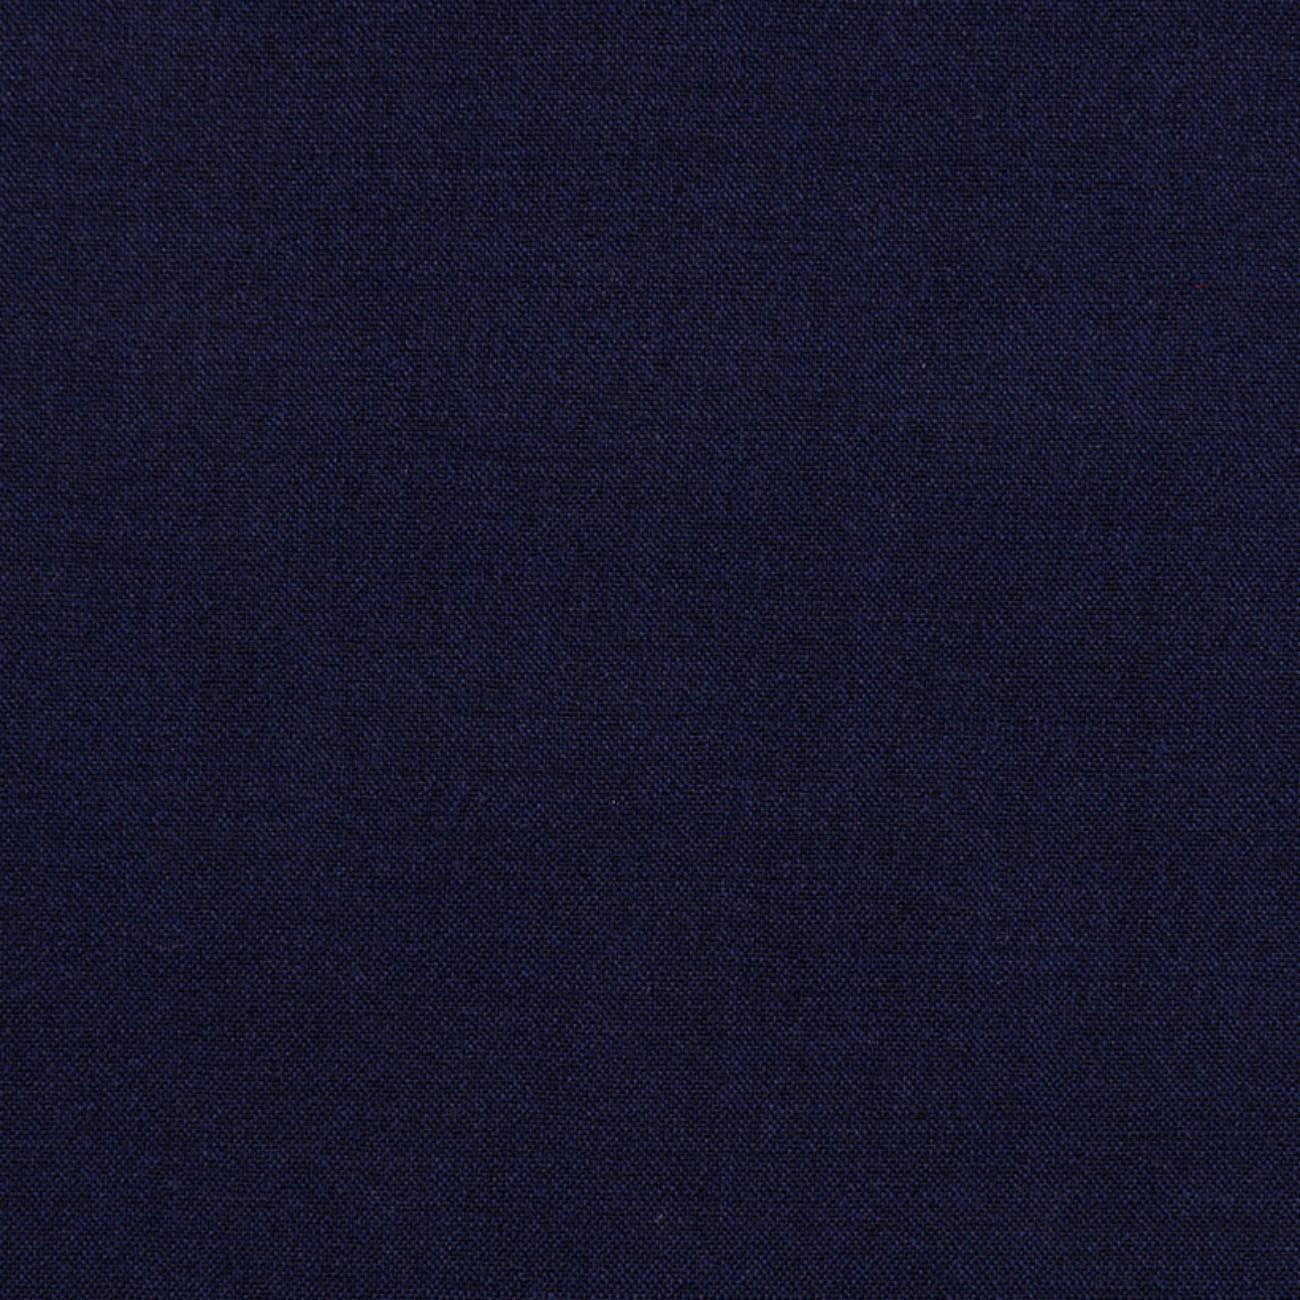 毛纺 素色 羊毛 染色 薄 精仿 西装 职业装 春秋 女装 男装 71122-9